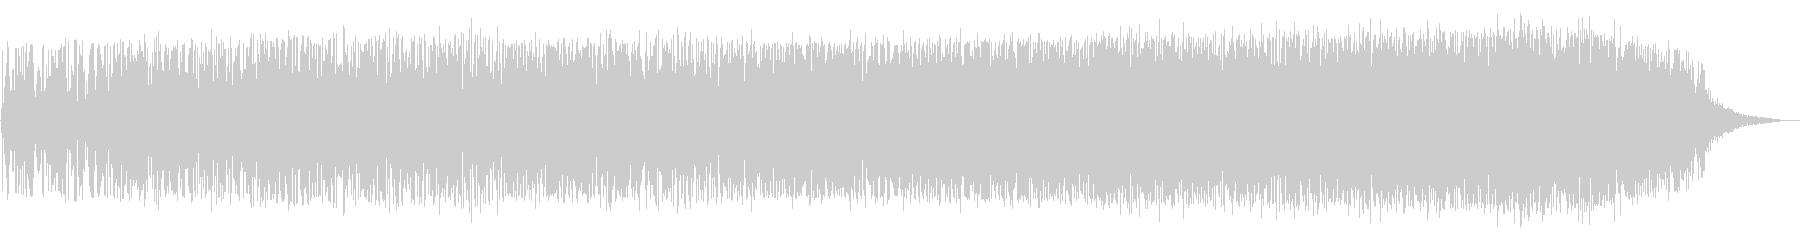 ブオーン(宇宙船の離陸音)の未再生の波形